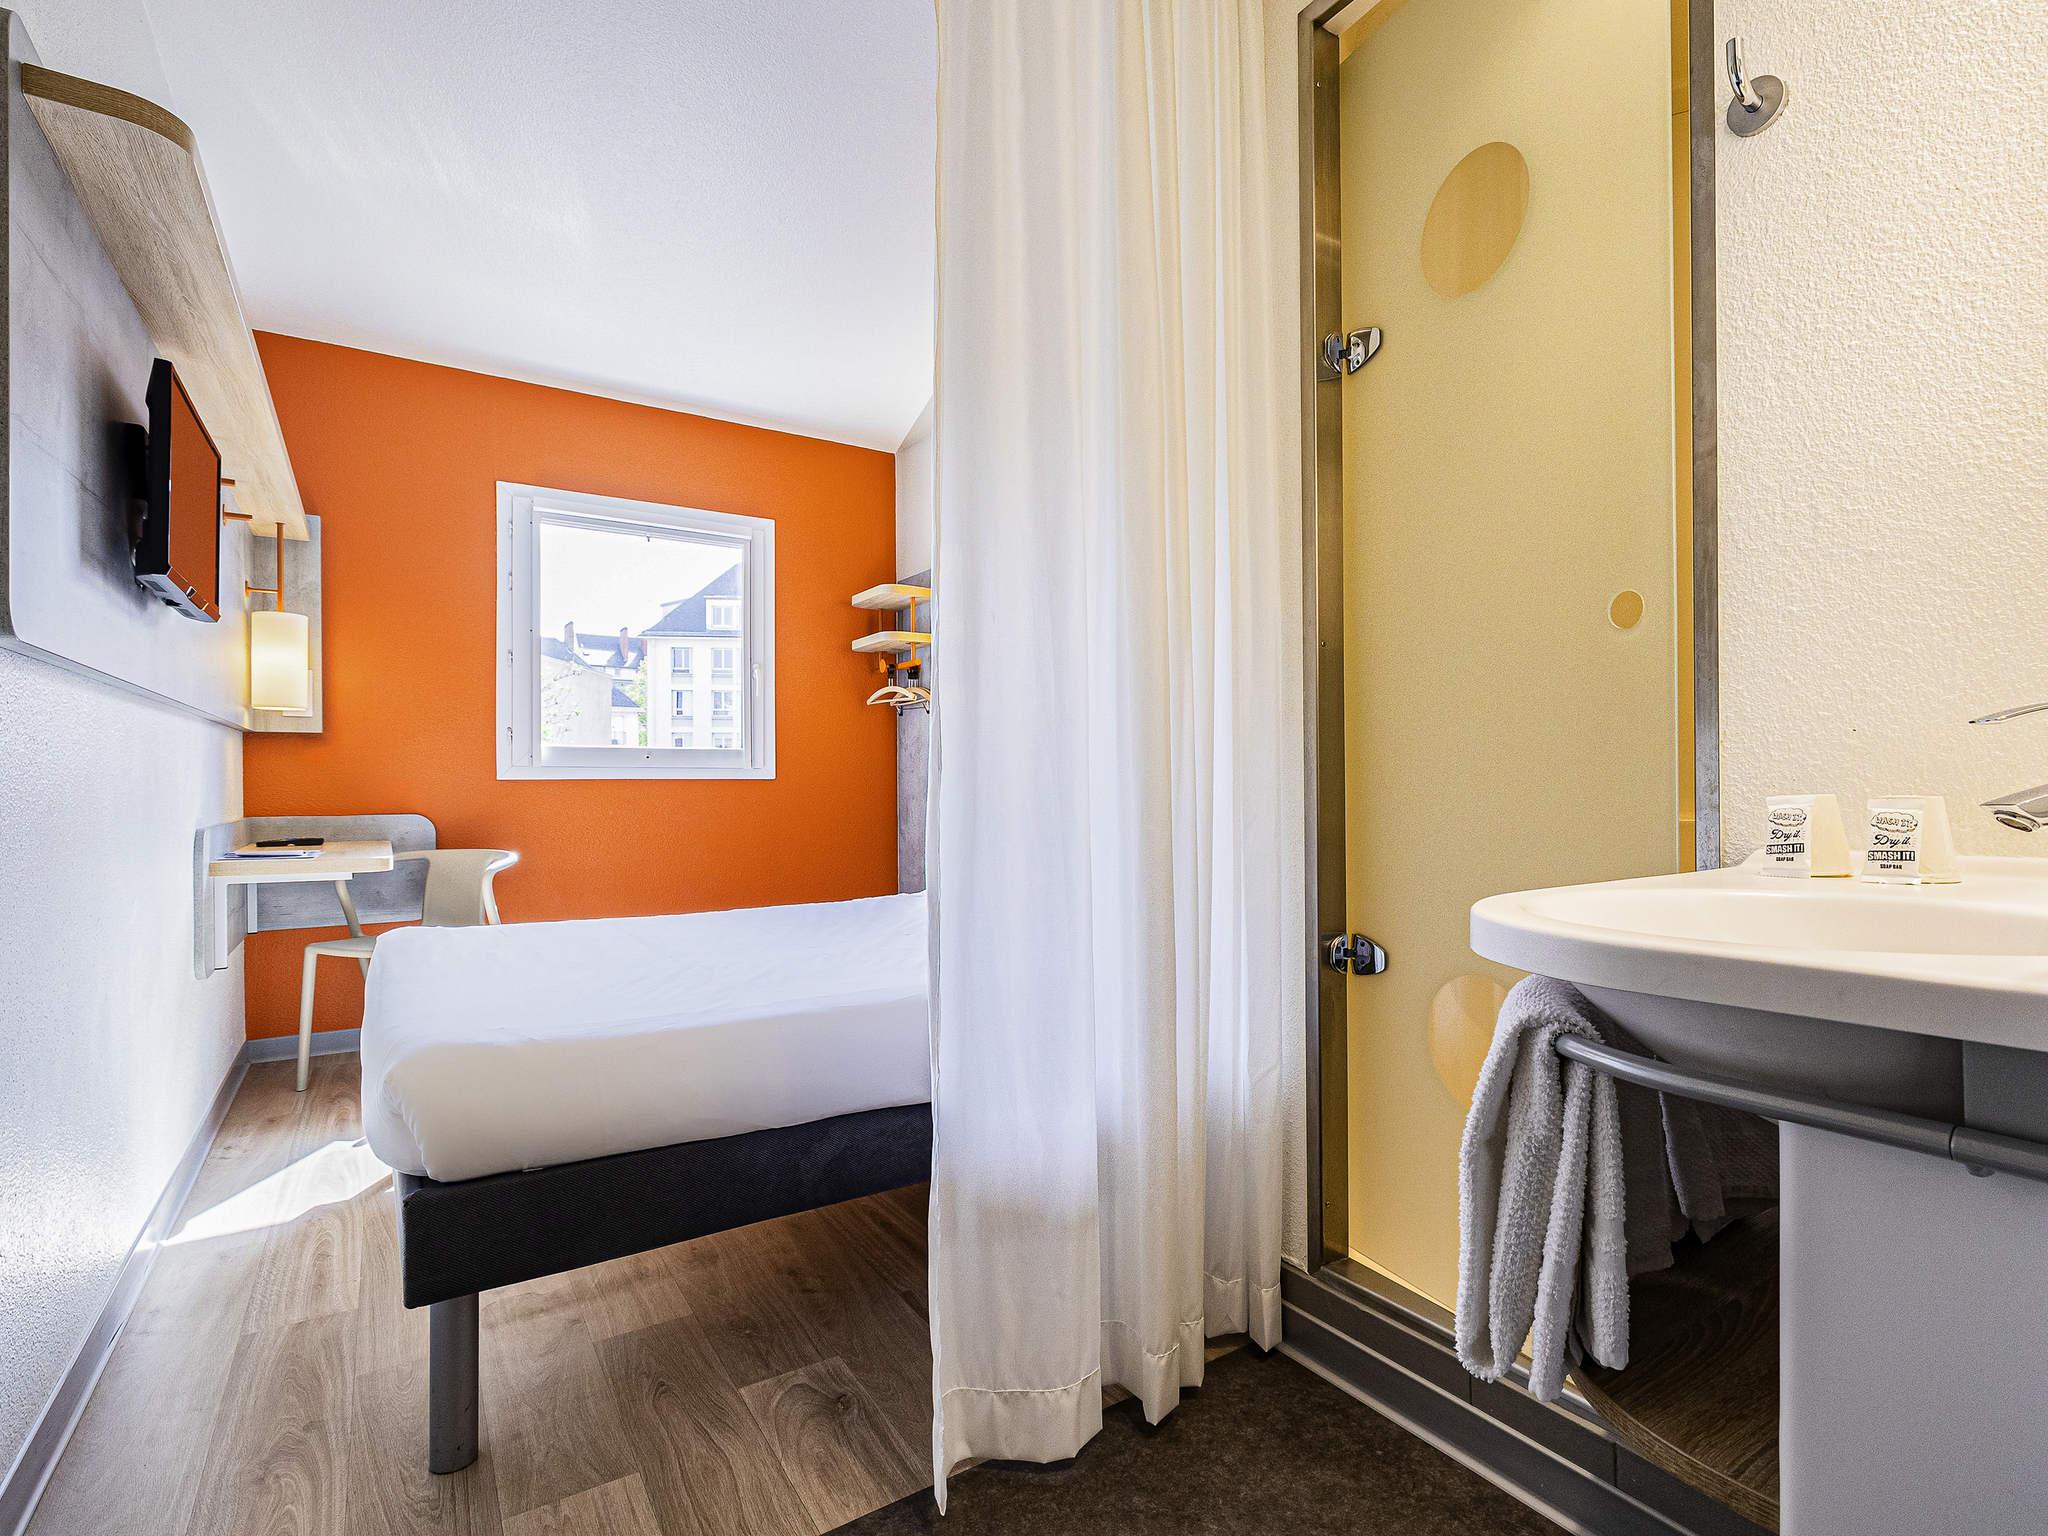 simple rooms ibis budget paris porte duitalie with piscine foir fouille. Black Bedroom Furniture Sets. Home Design Ideas